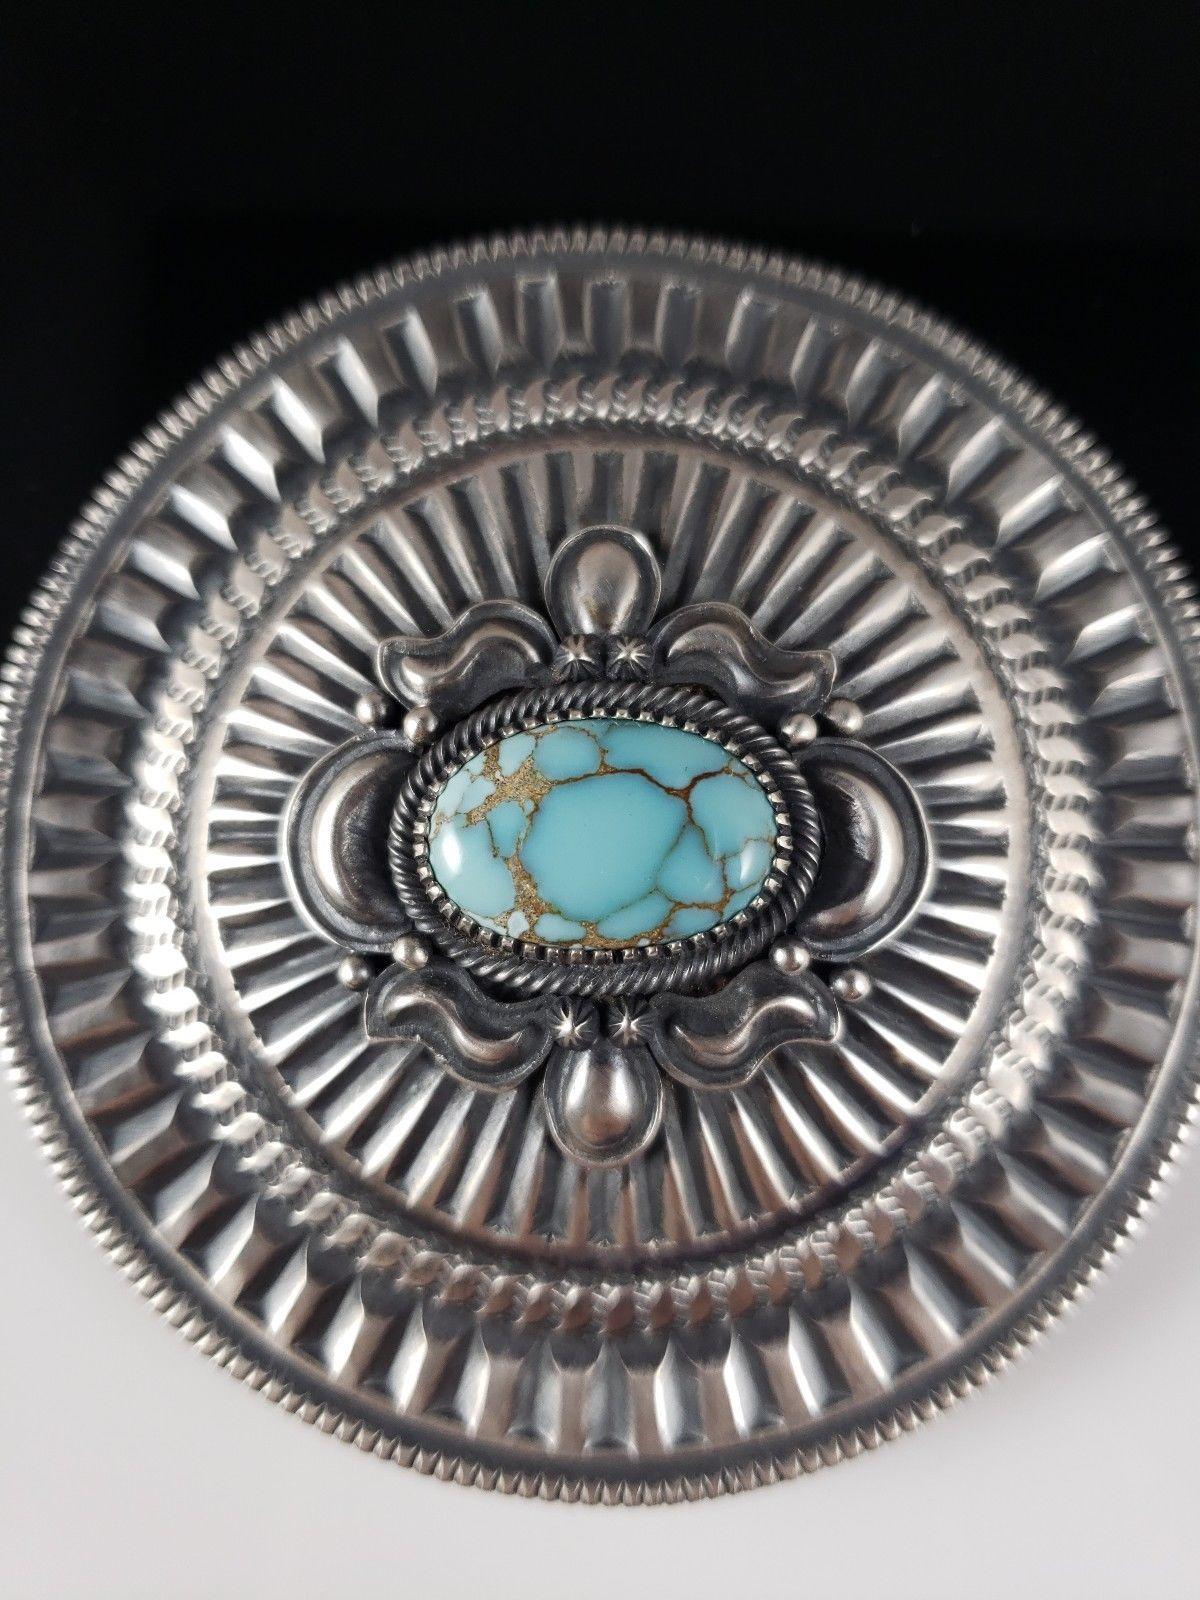 Navajo Sterling Silver Concho Belt Buckle Gobi Desert Turquoise Derrick Gordon